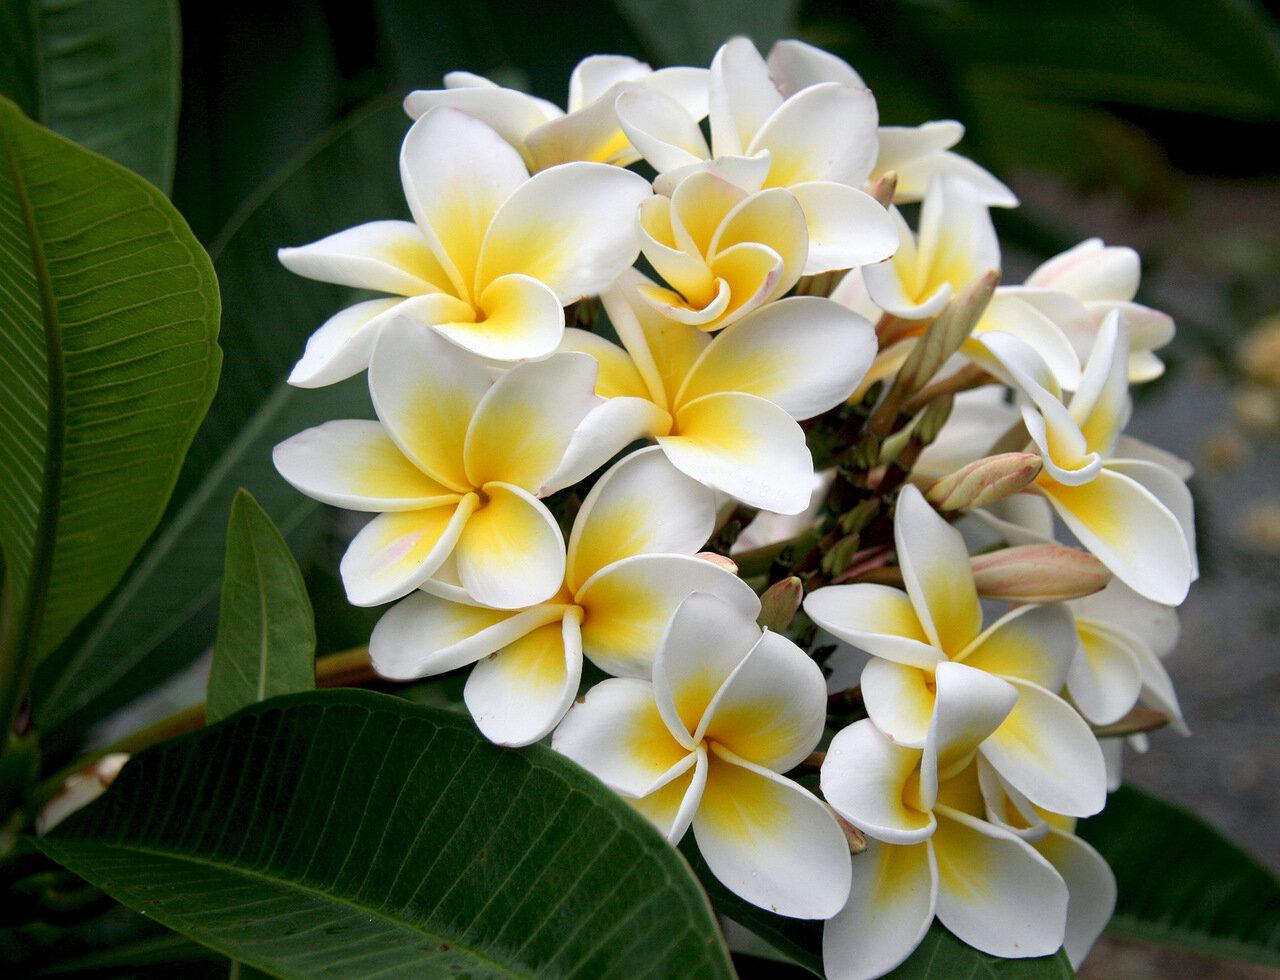 Цветов, цветы франжипани в алмате купить